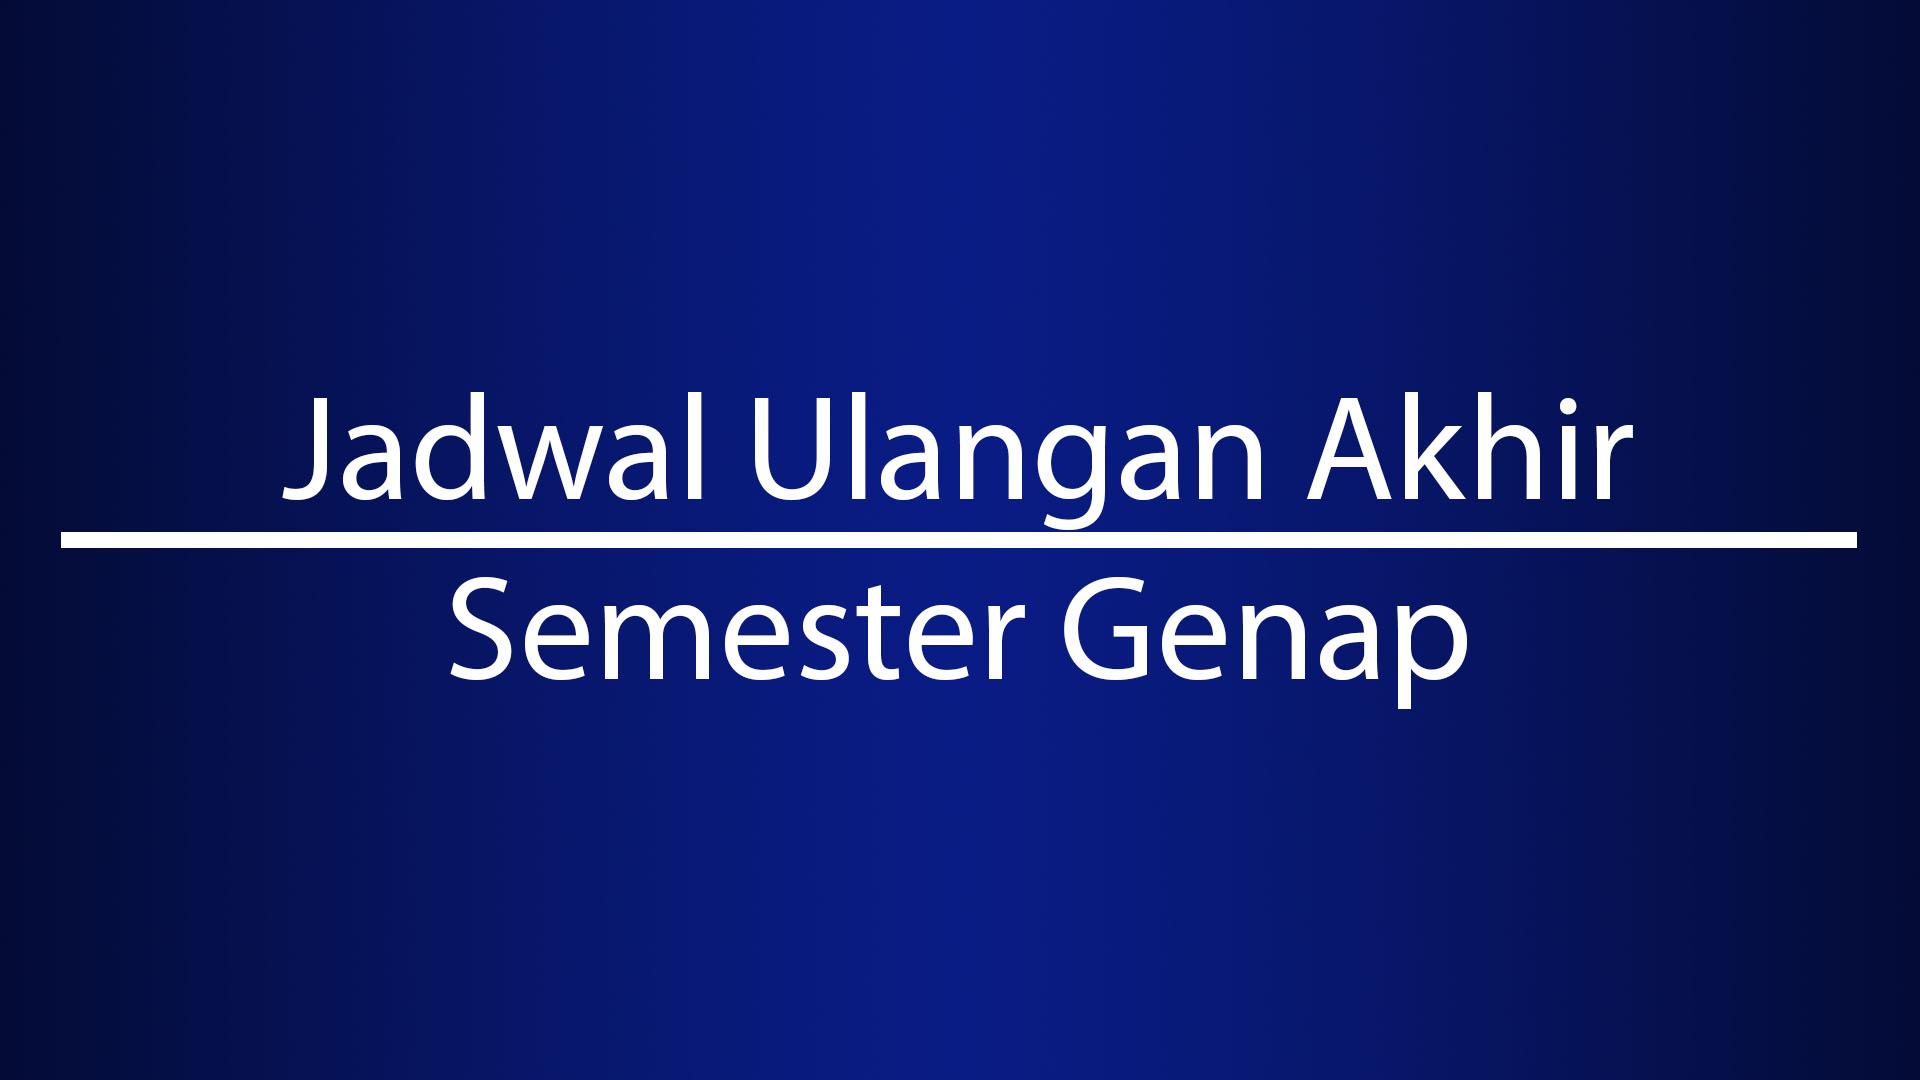 Jadwal Ulangan Akhir Semester Genap TP. 2017-2018